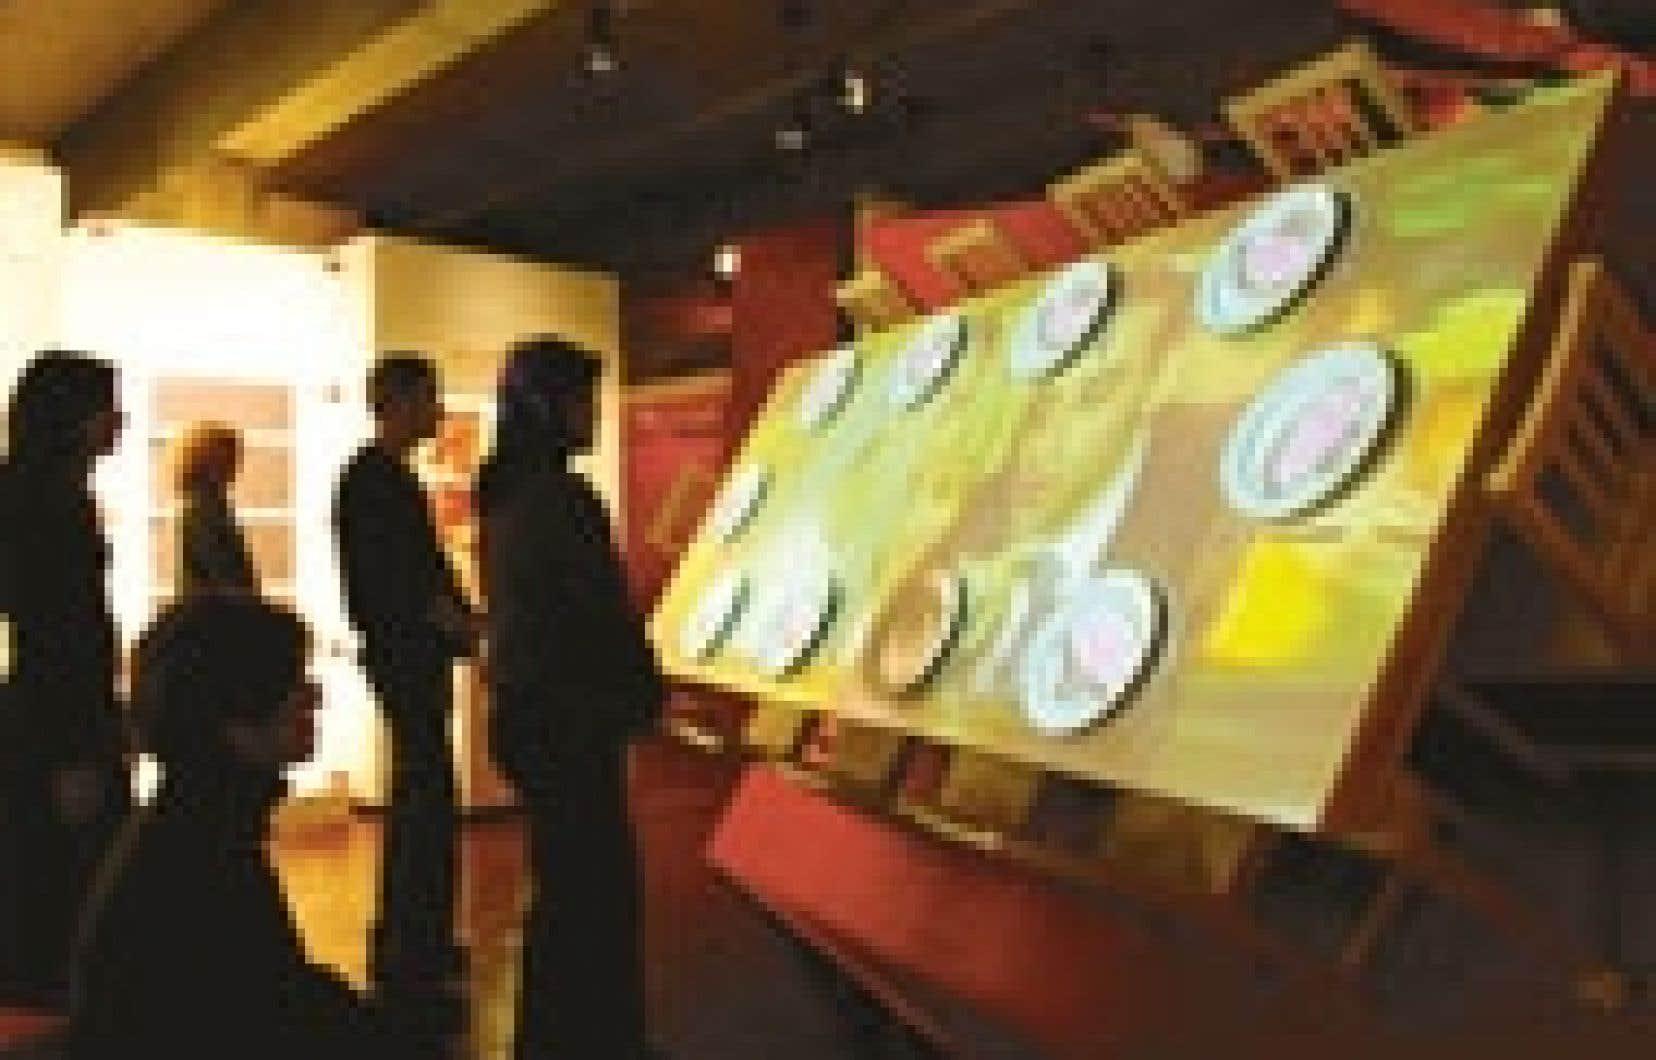 Célébrer à Montréal : au menu de cette table-écran, un repas en 12 services et 12 minutes. Source: Normand Rajotte, Musée Pointe-à-Callière